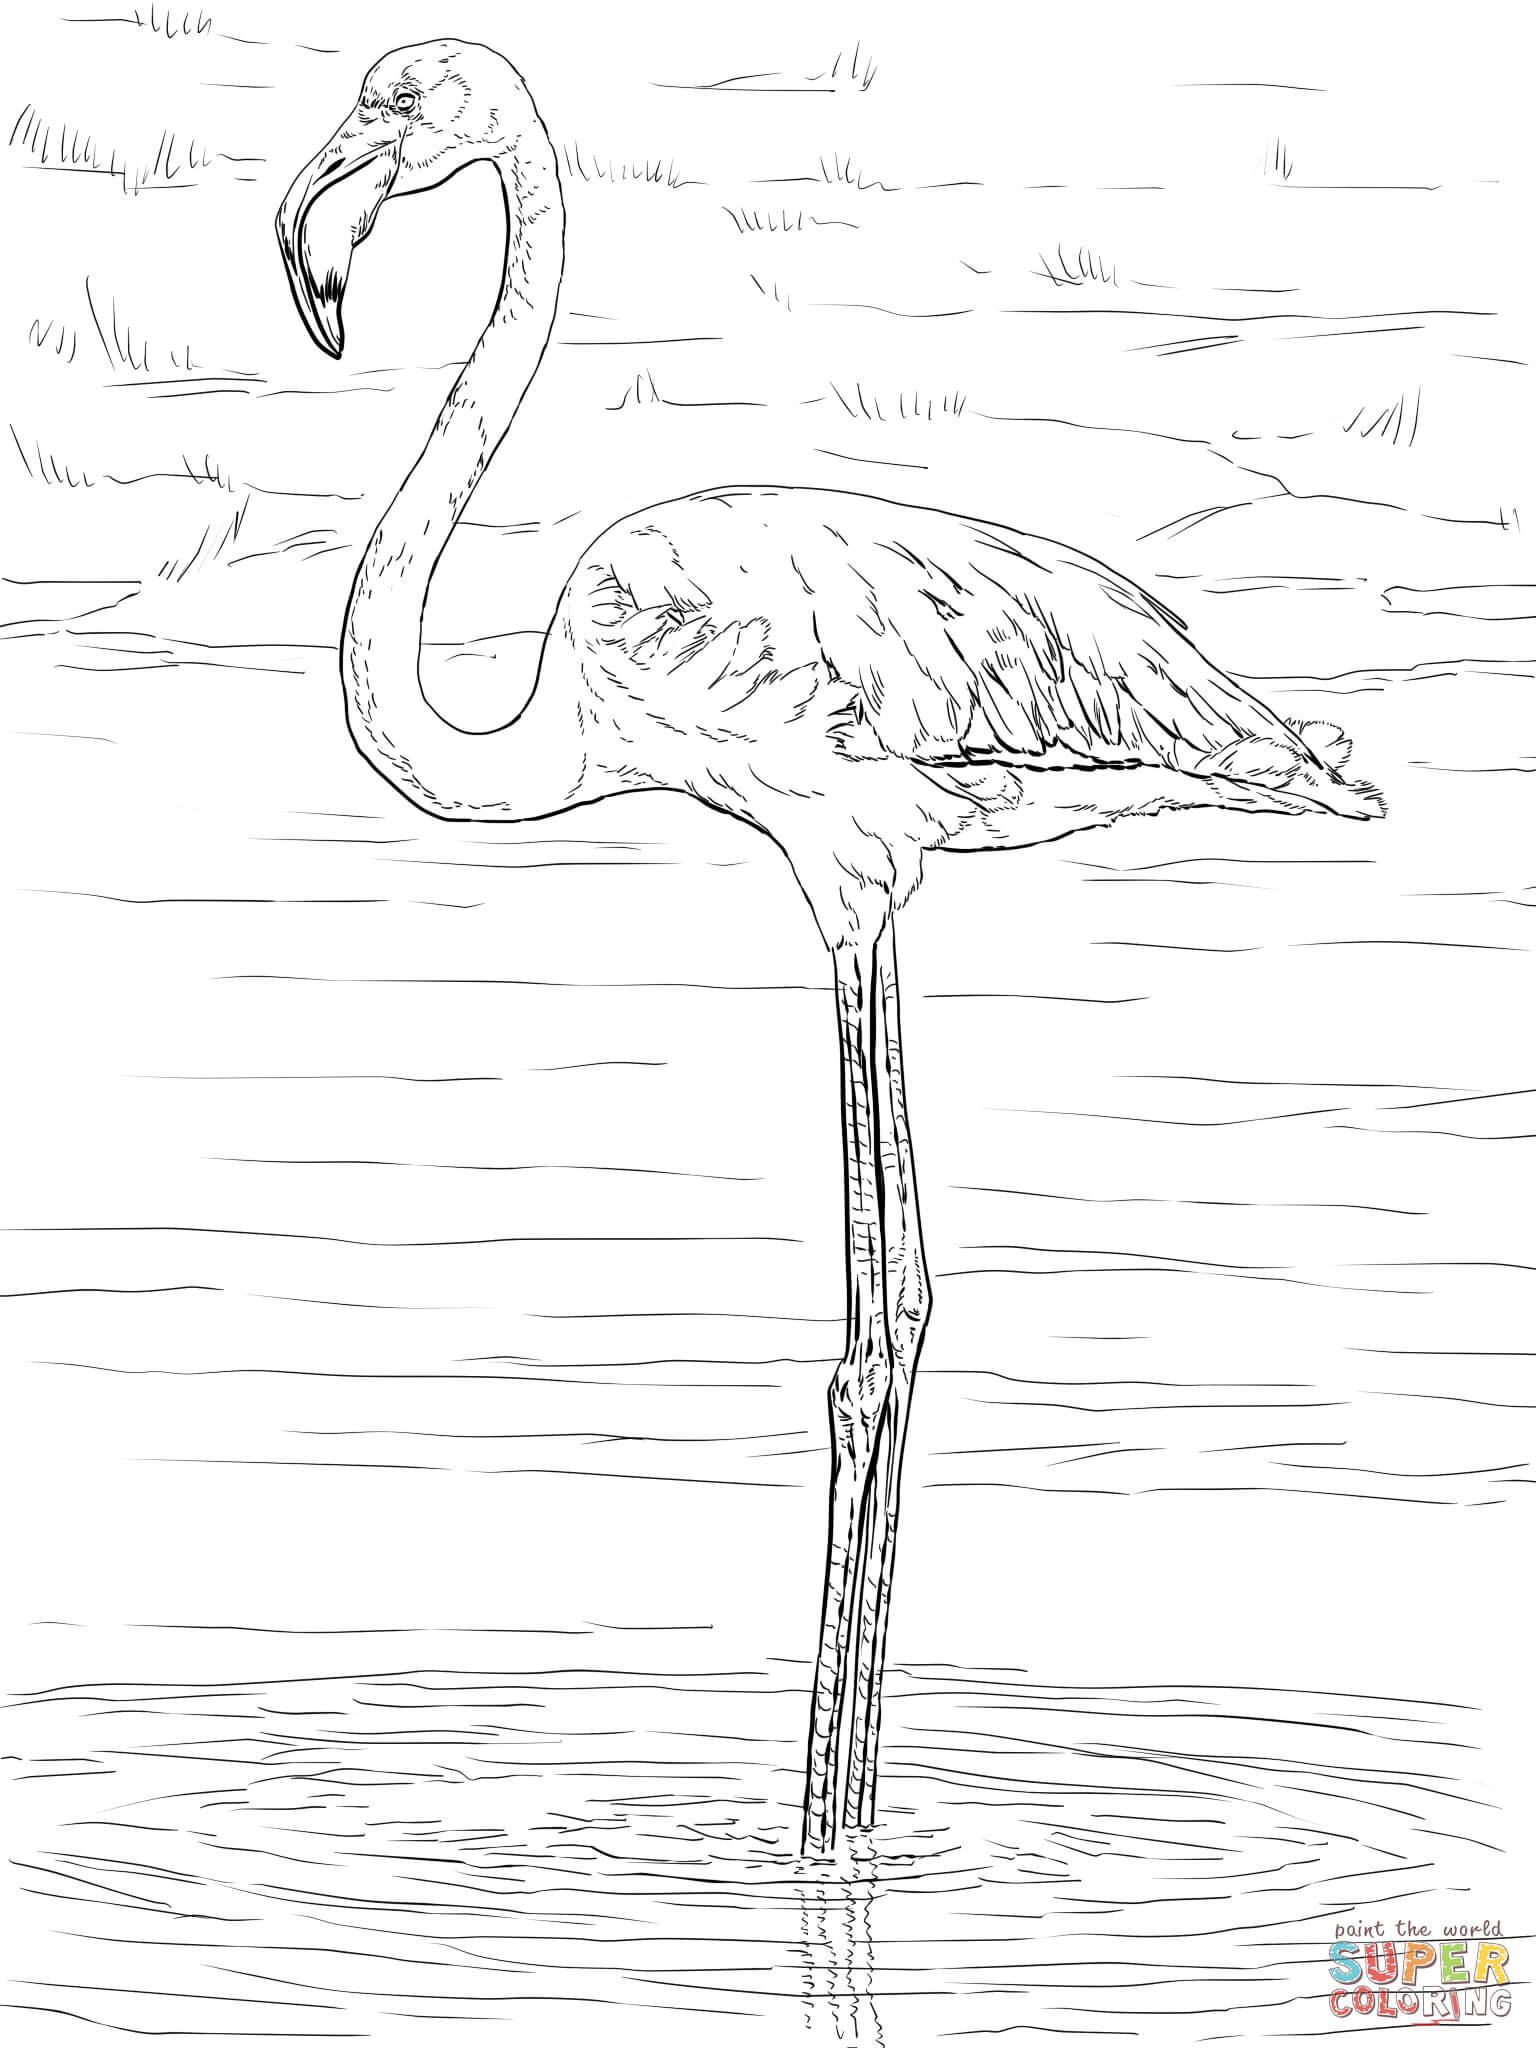 Chilean Flamingo coloring #5, Download drawings